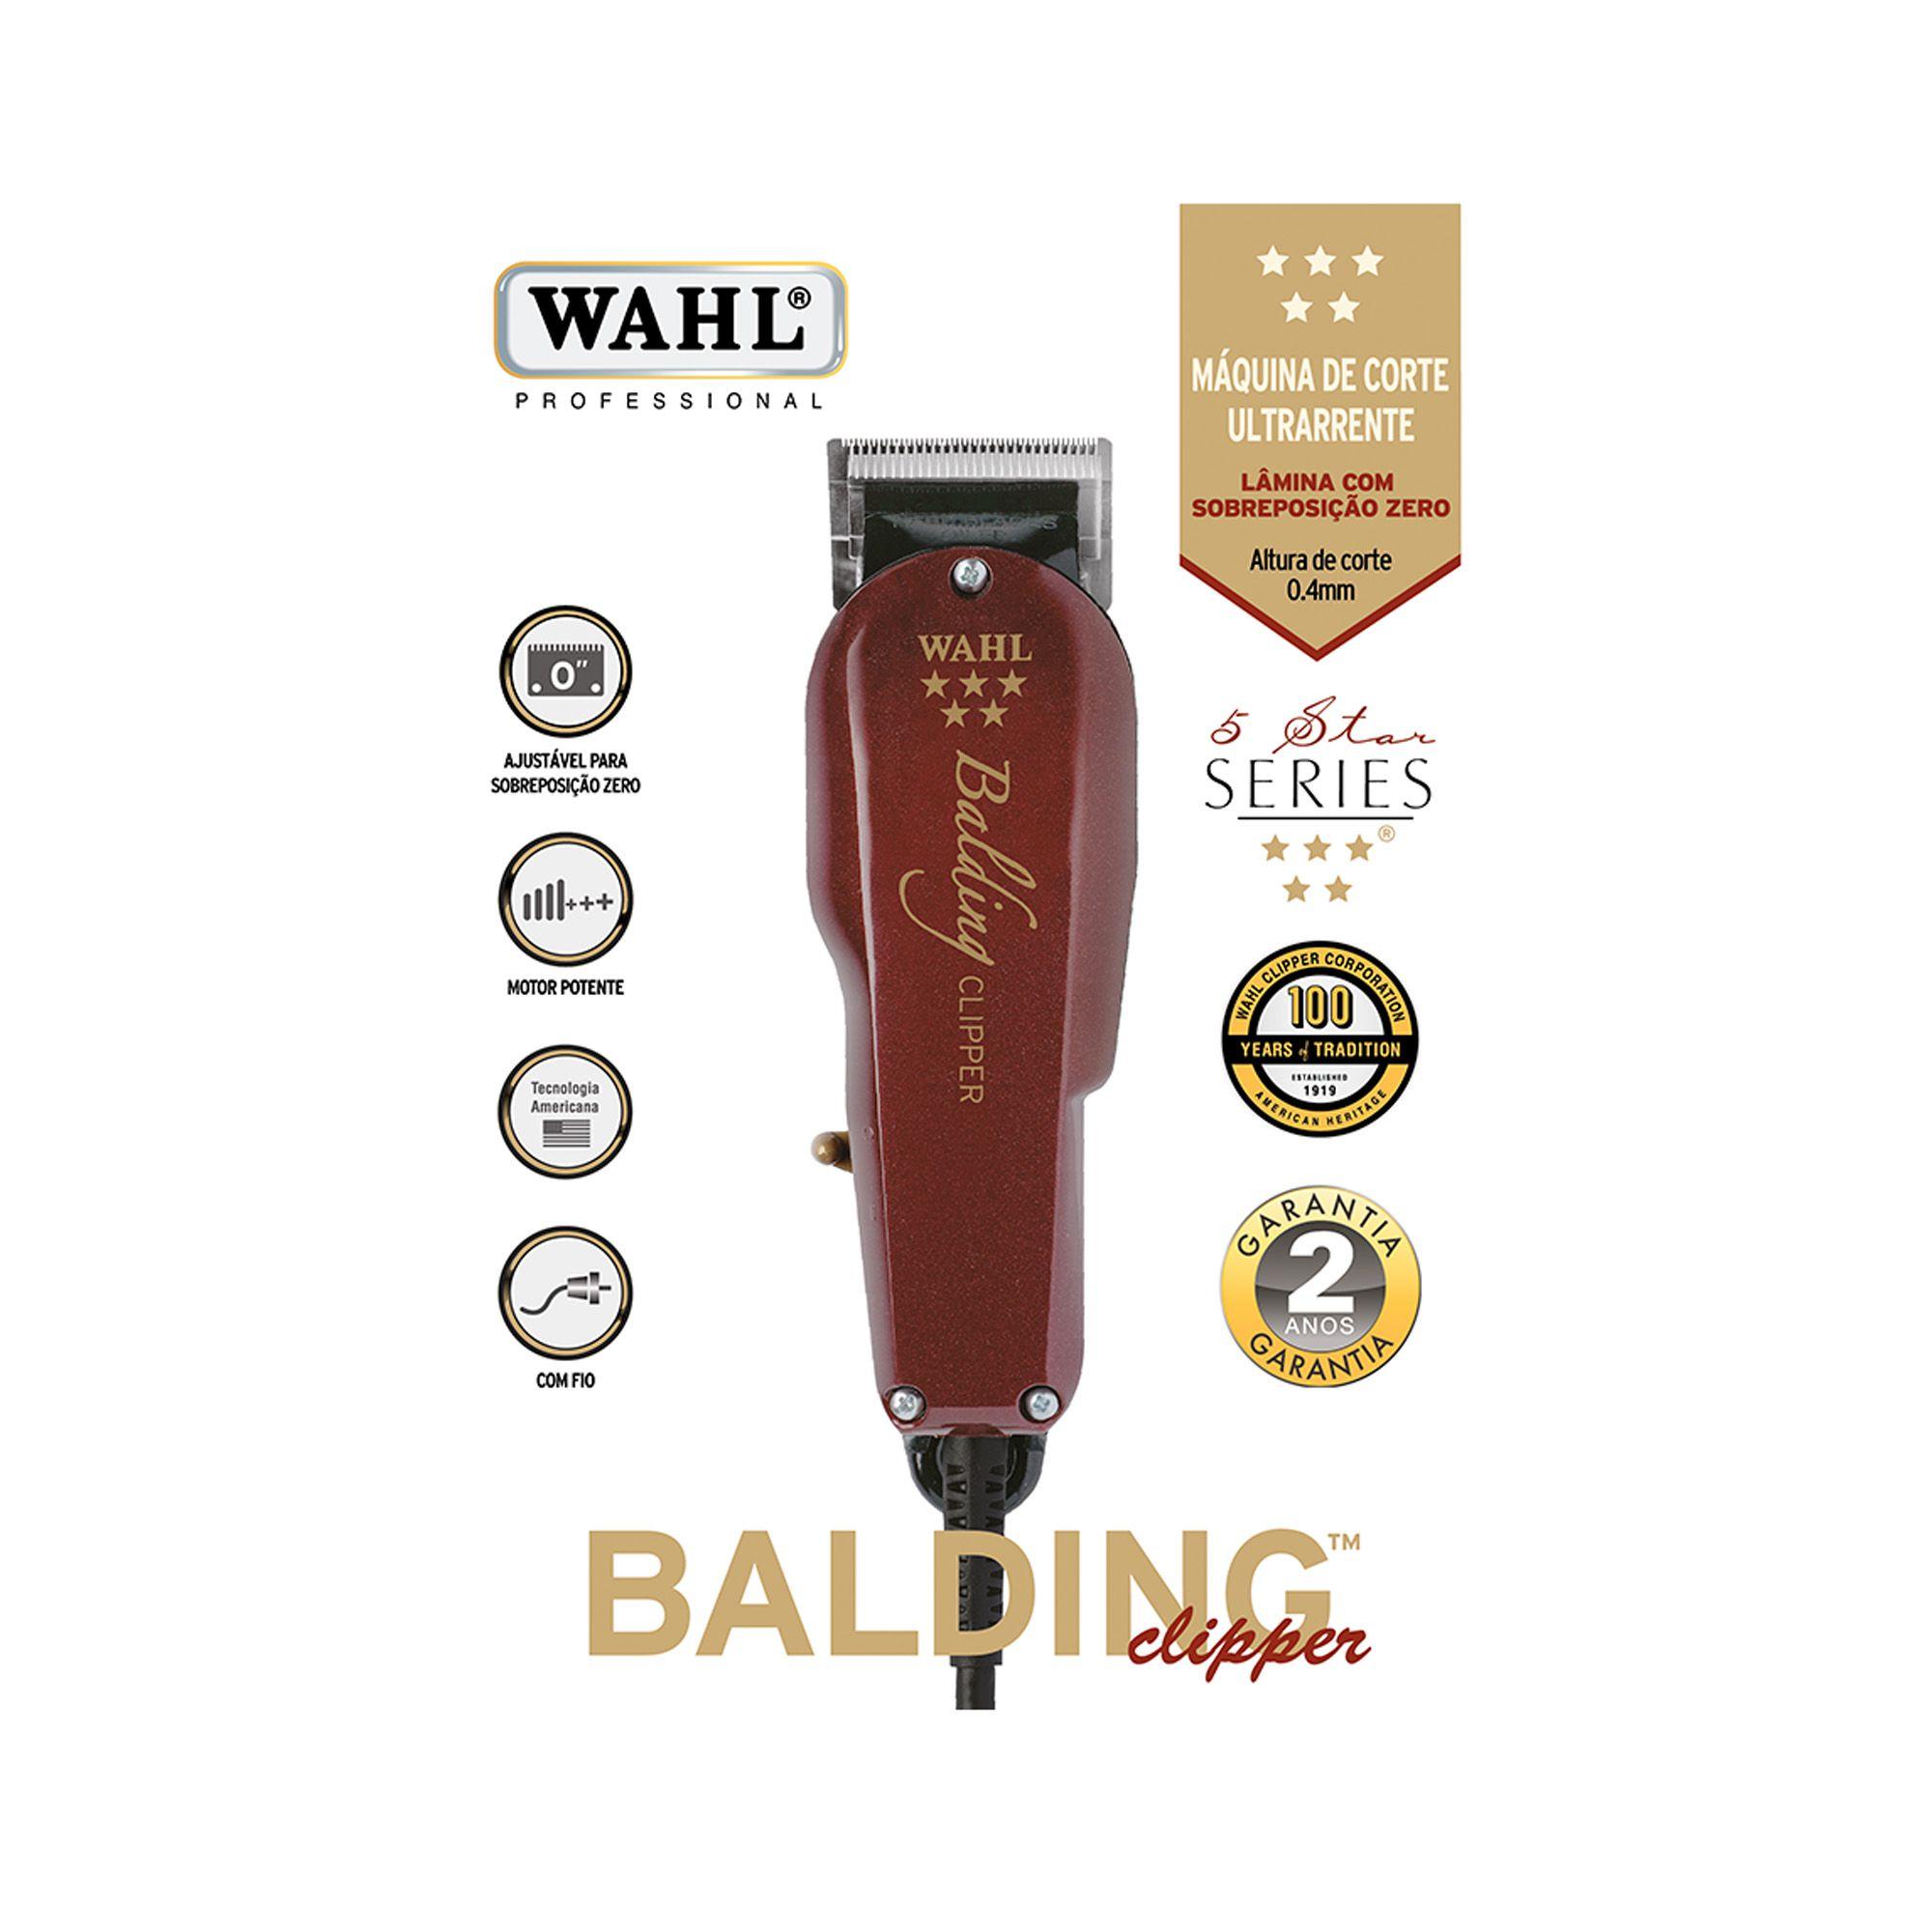 Maquina de Corte profissional 5 Star Séries Balding 127V - Wahl